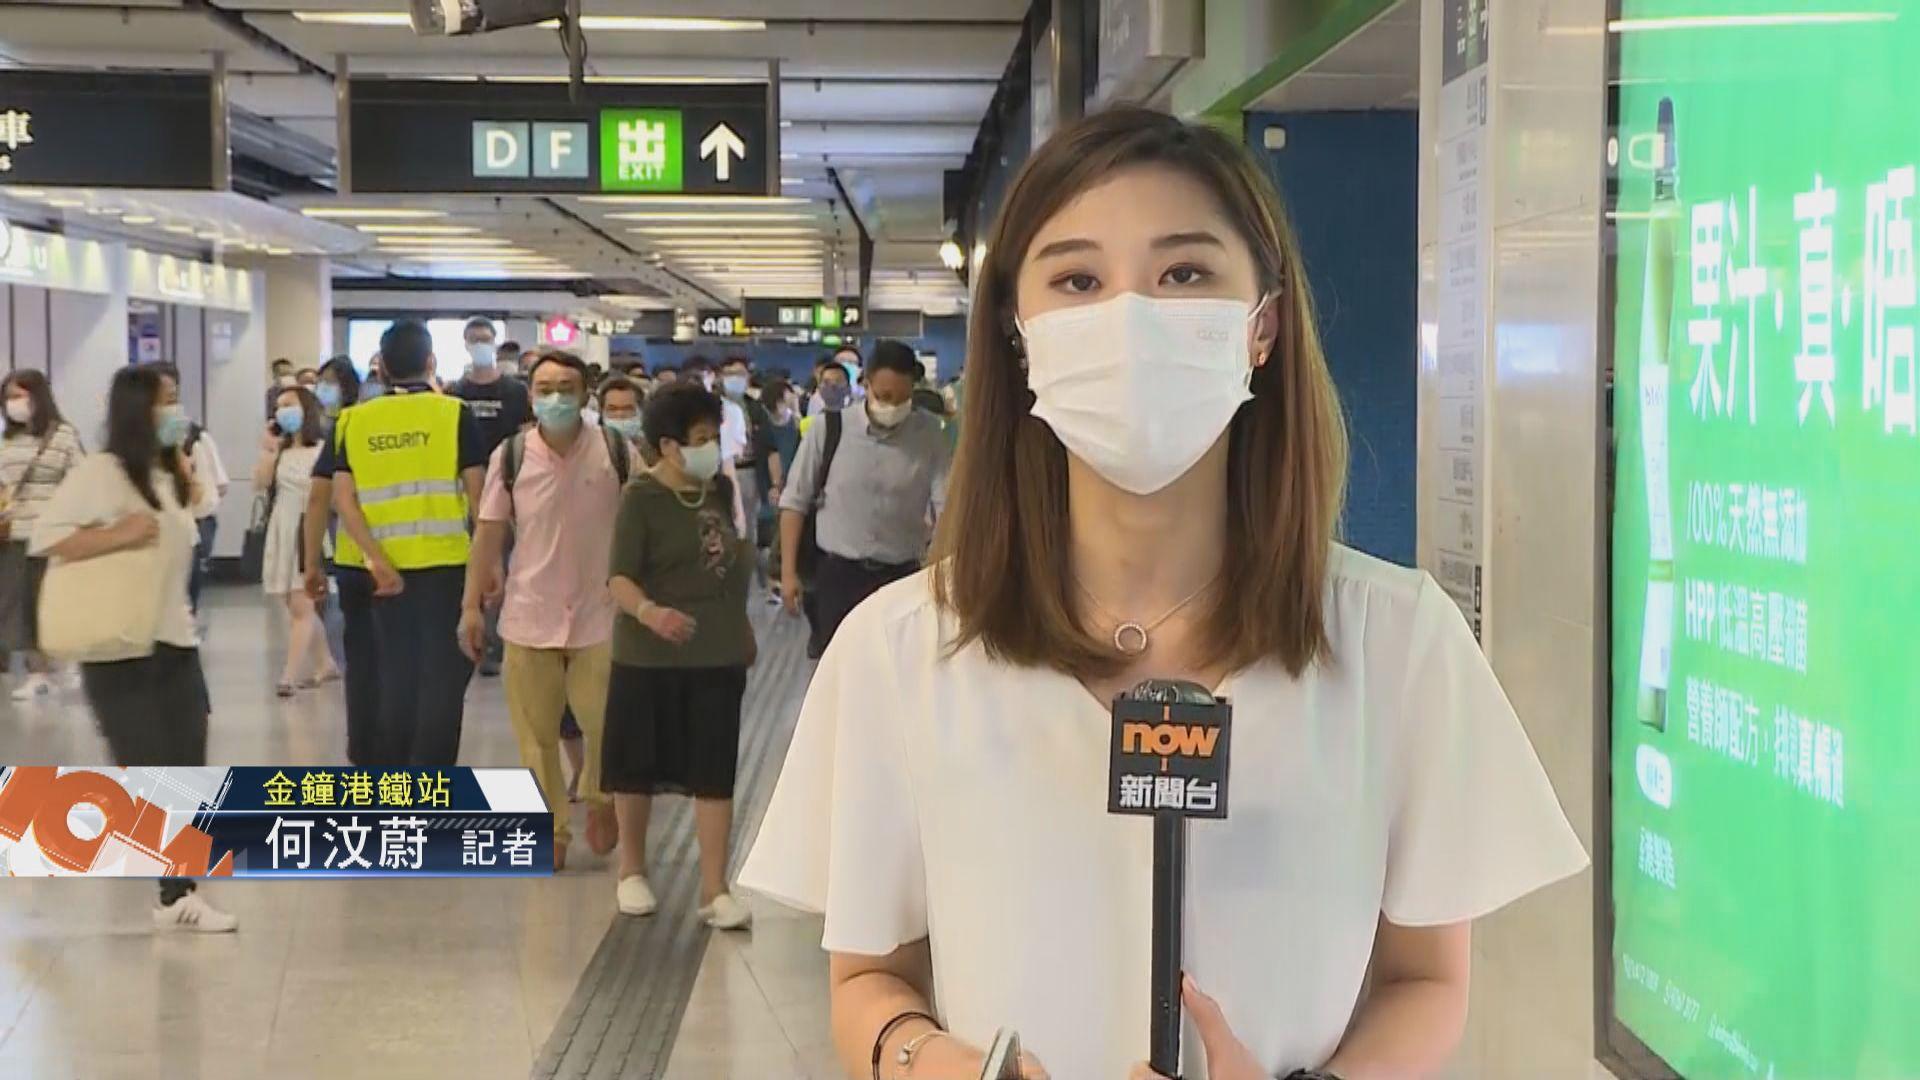 金鐘港鐵站內保安明顯加強